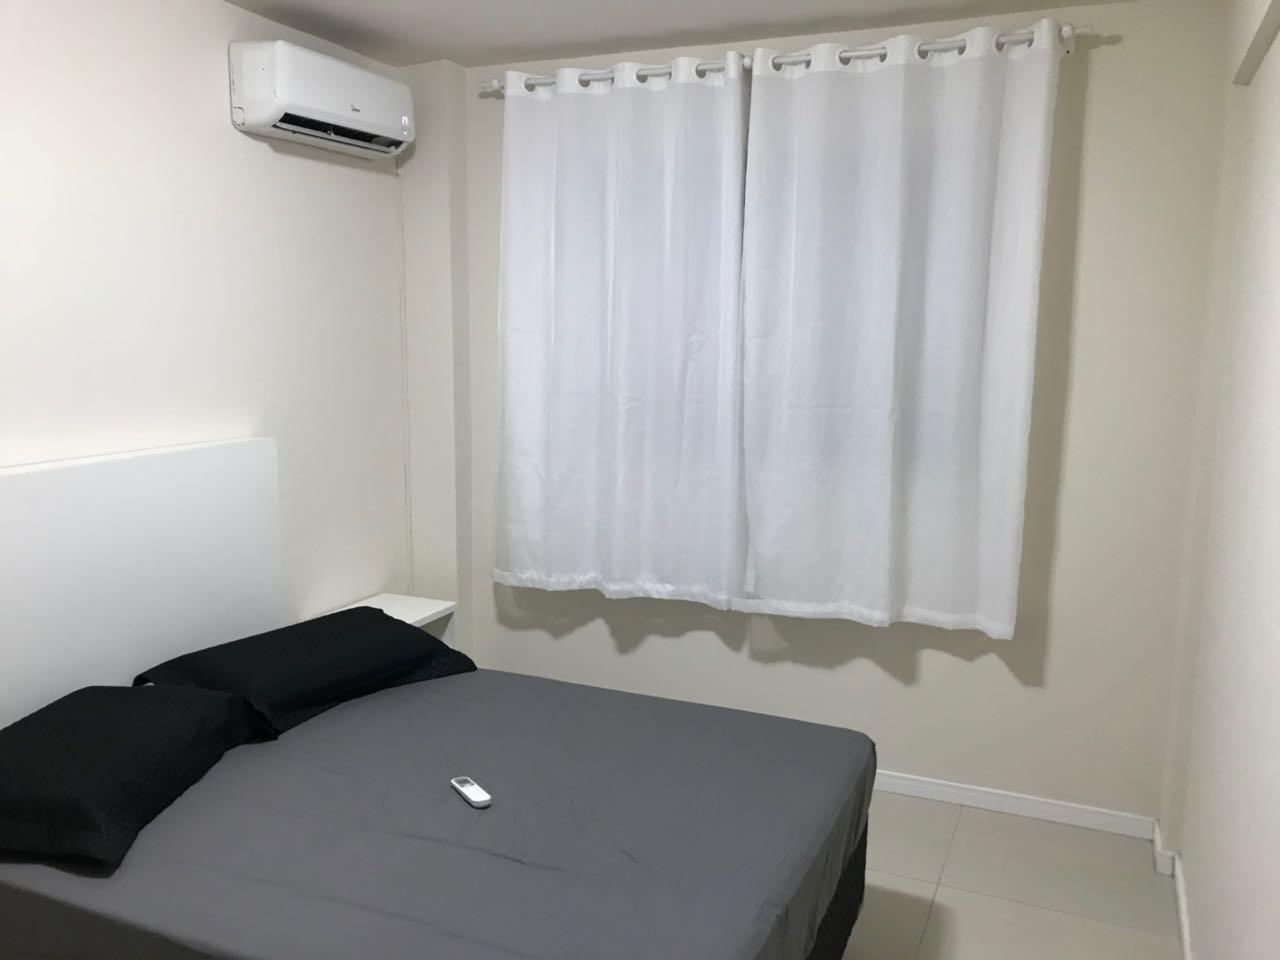 1 Suíte + 1 Dorm, Amplo terraço e 1 Vaga Garagem-104802